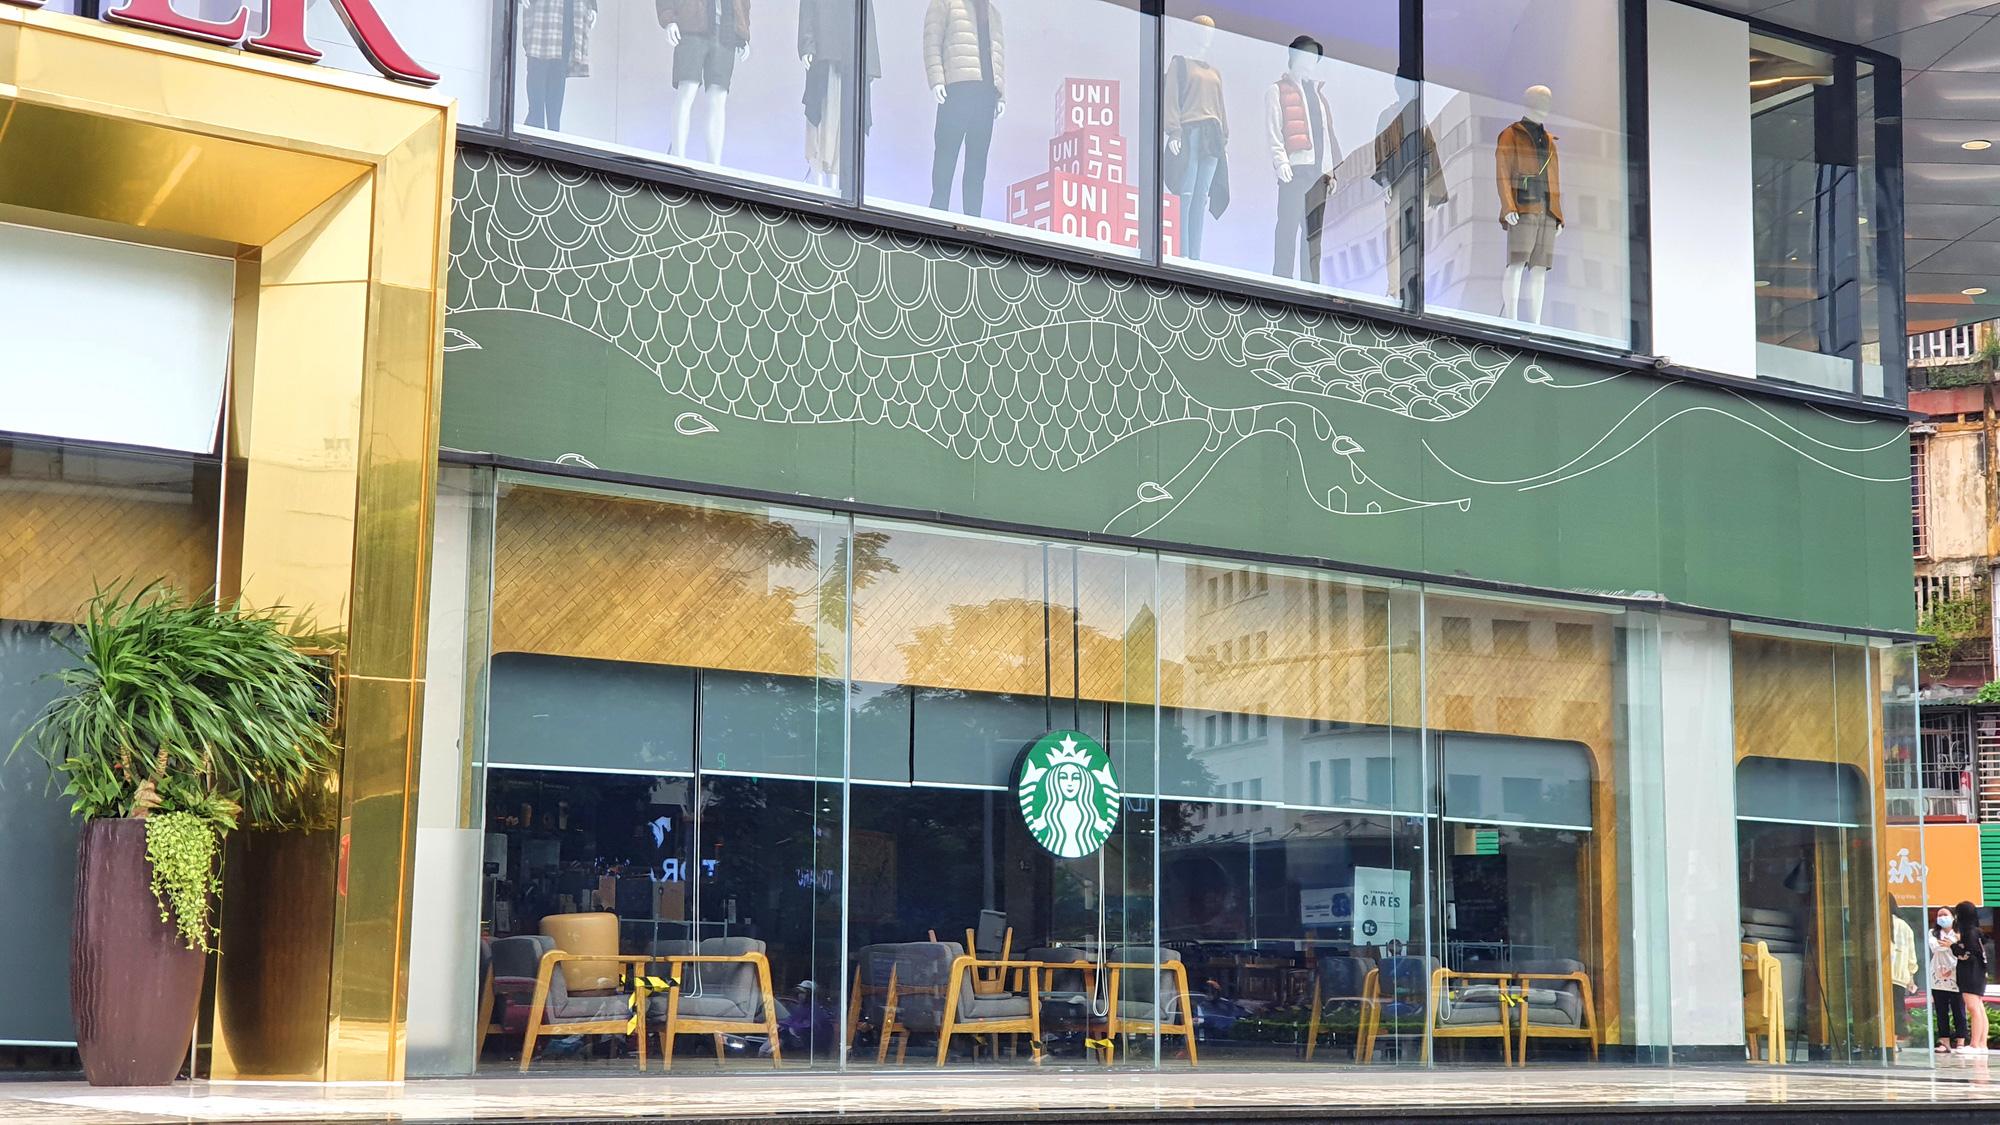 Mặt bằng BĐS bán lẻ Hà Nội 'thức giấc' sau hơn 2 tháng giãn cách - Ảnh 3.